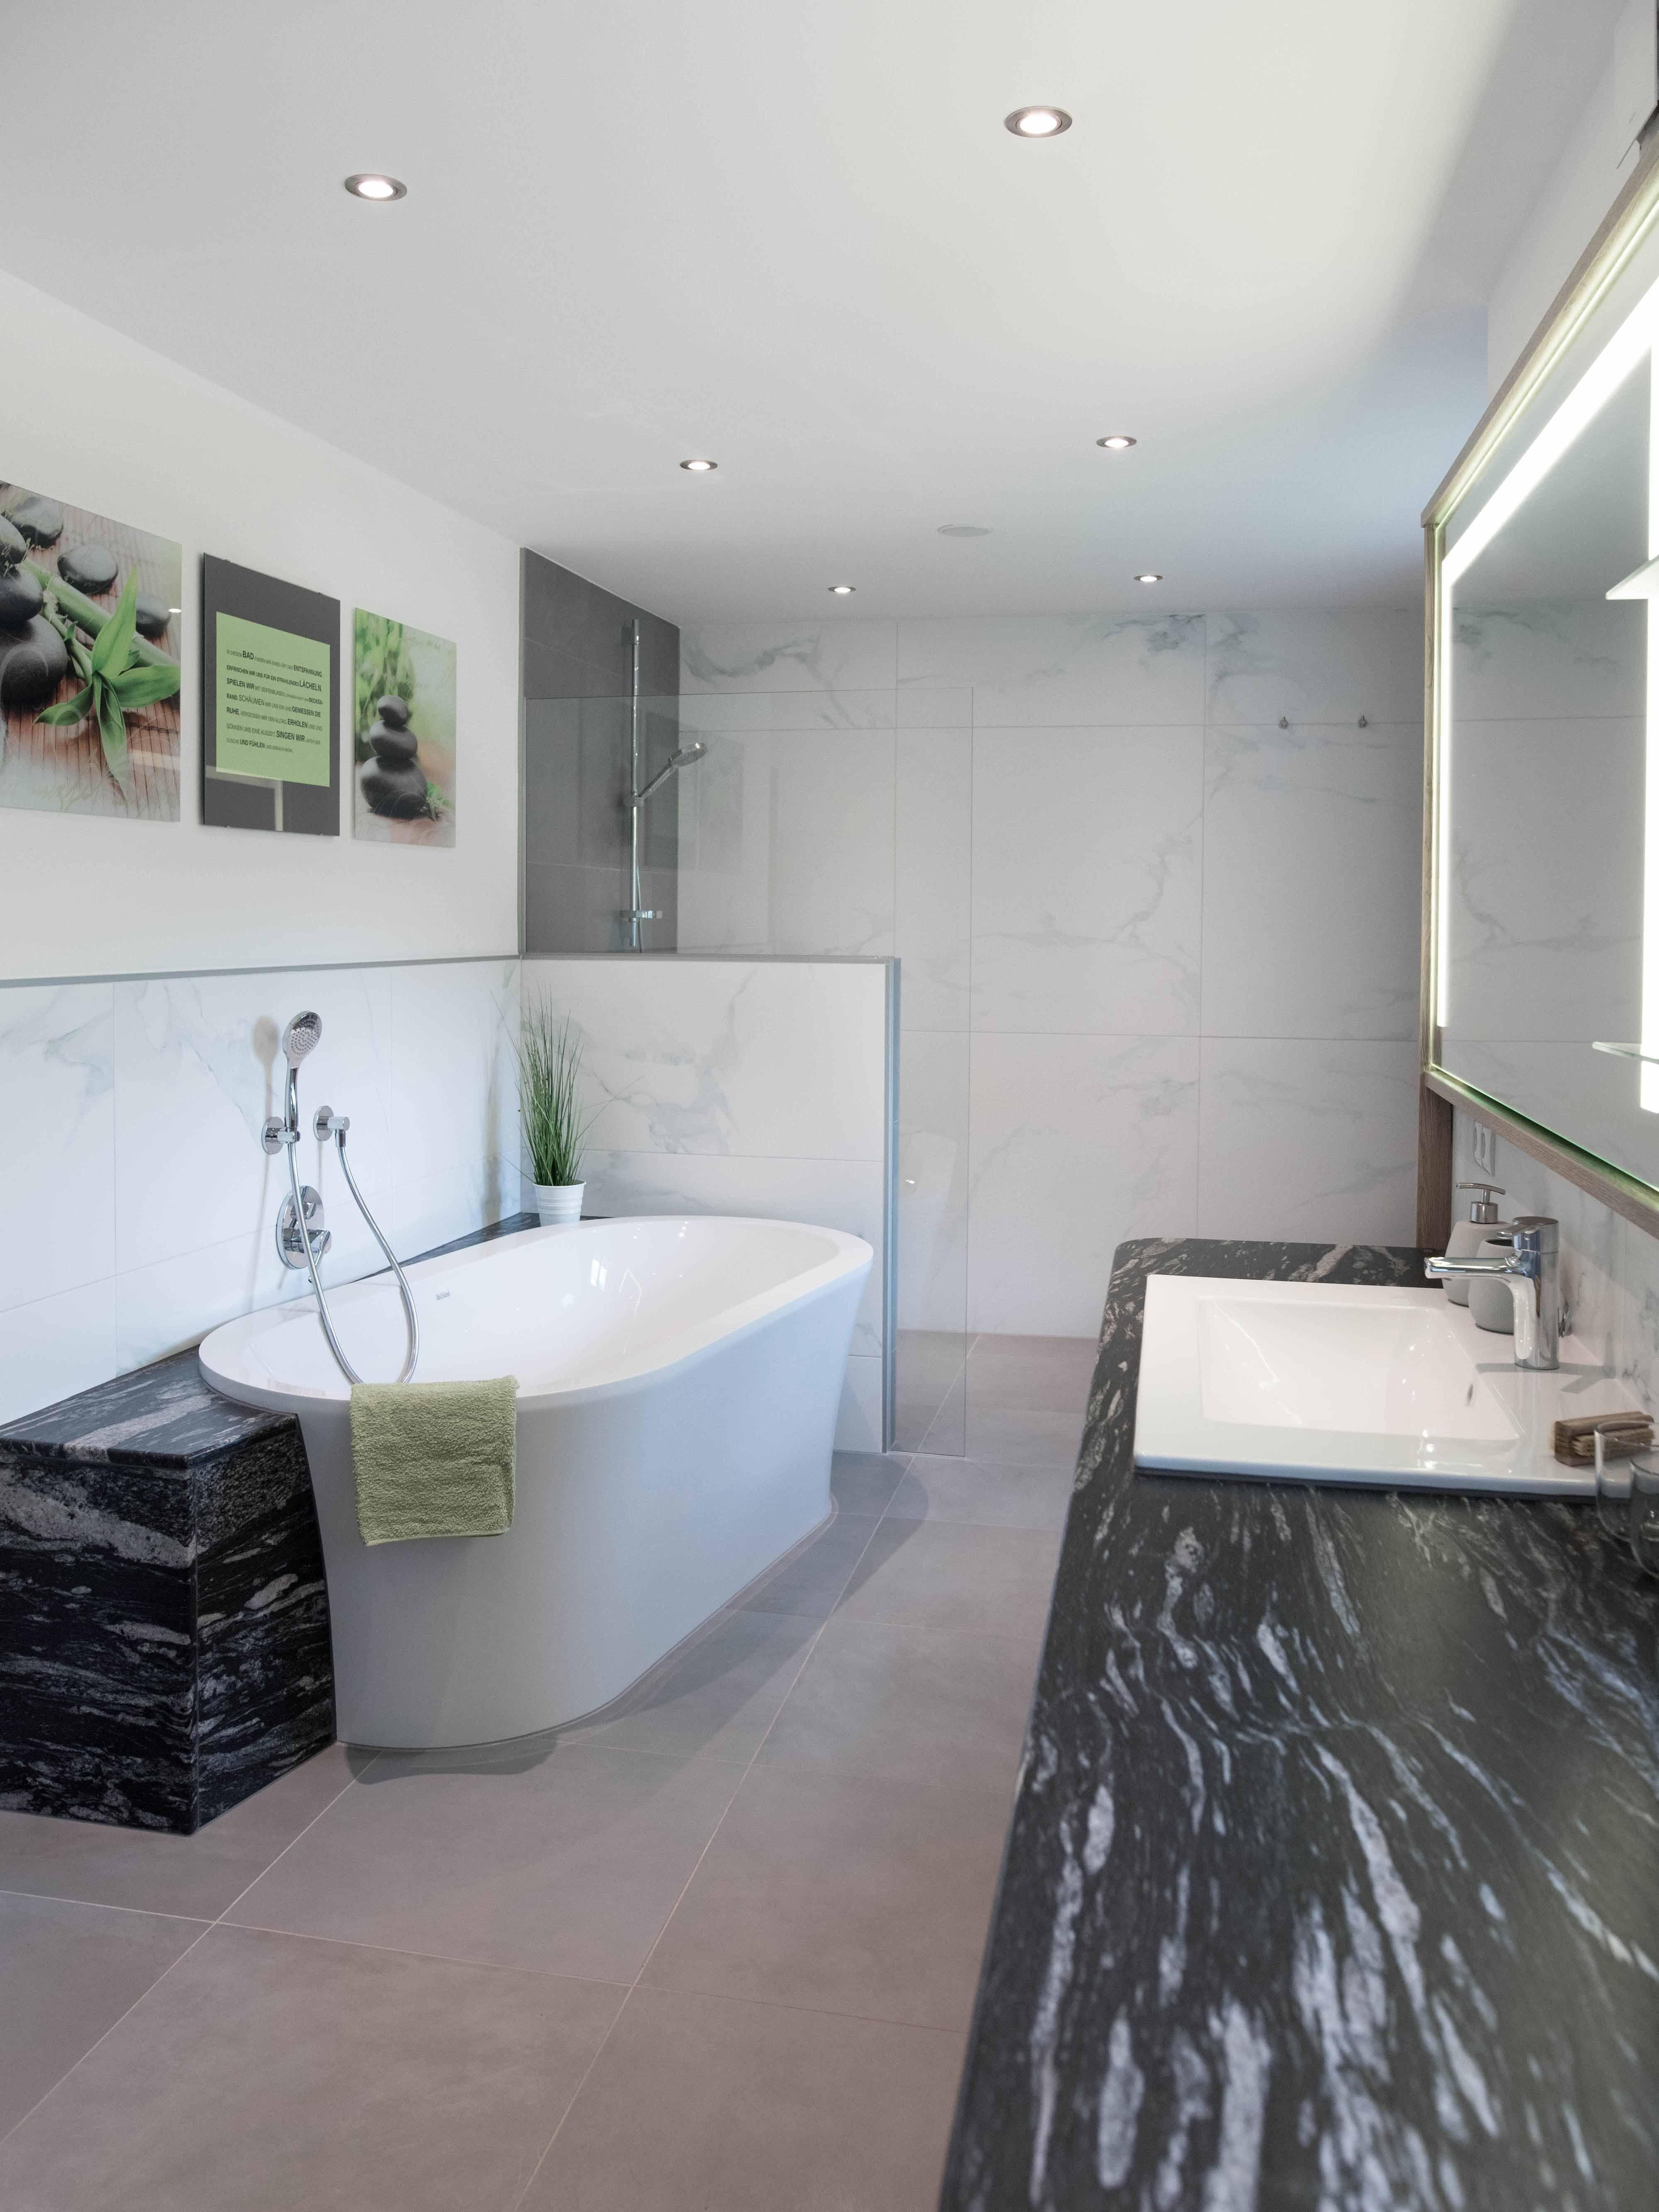 Inspirieren Lassen Auf Badezimmer Baden Badewanne Ideen